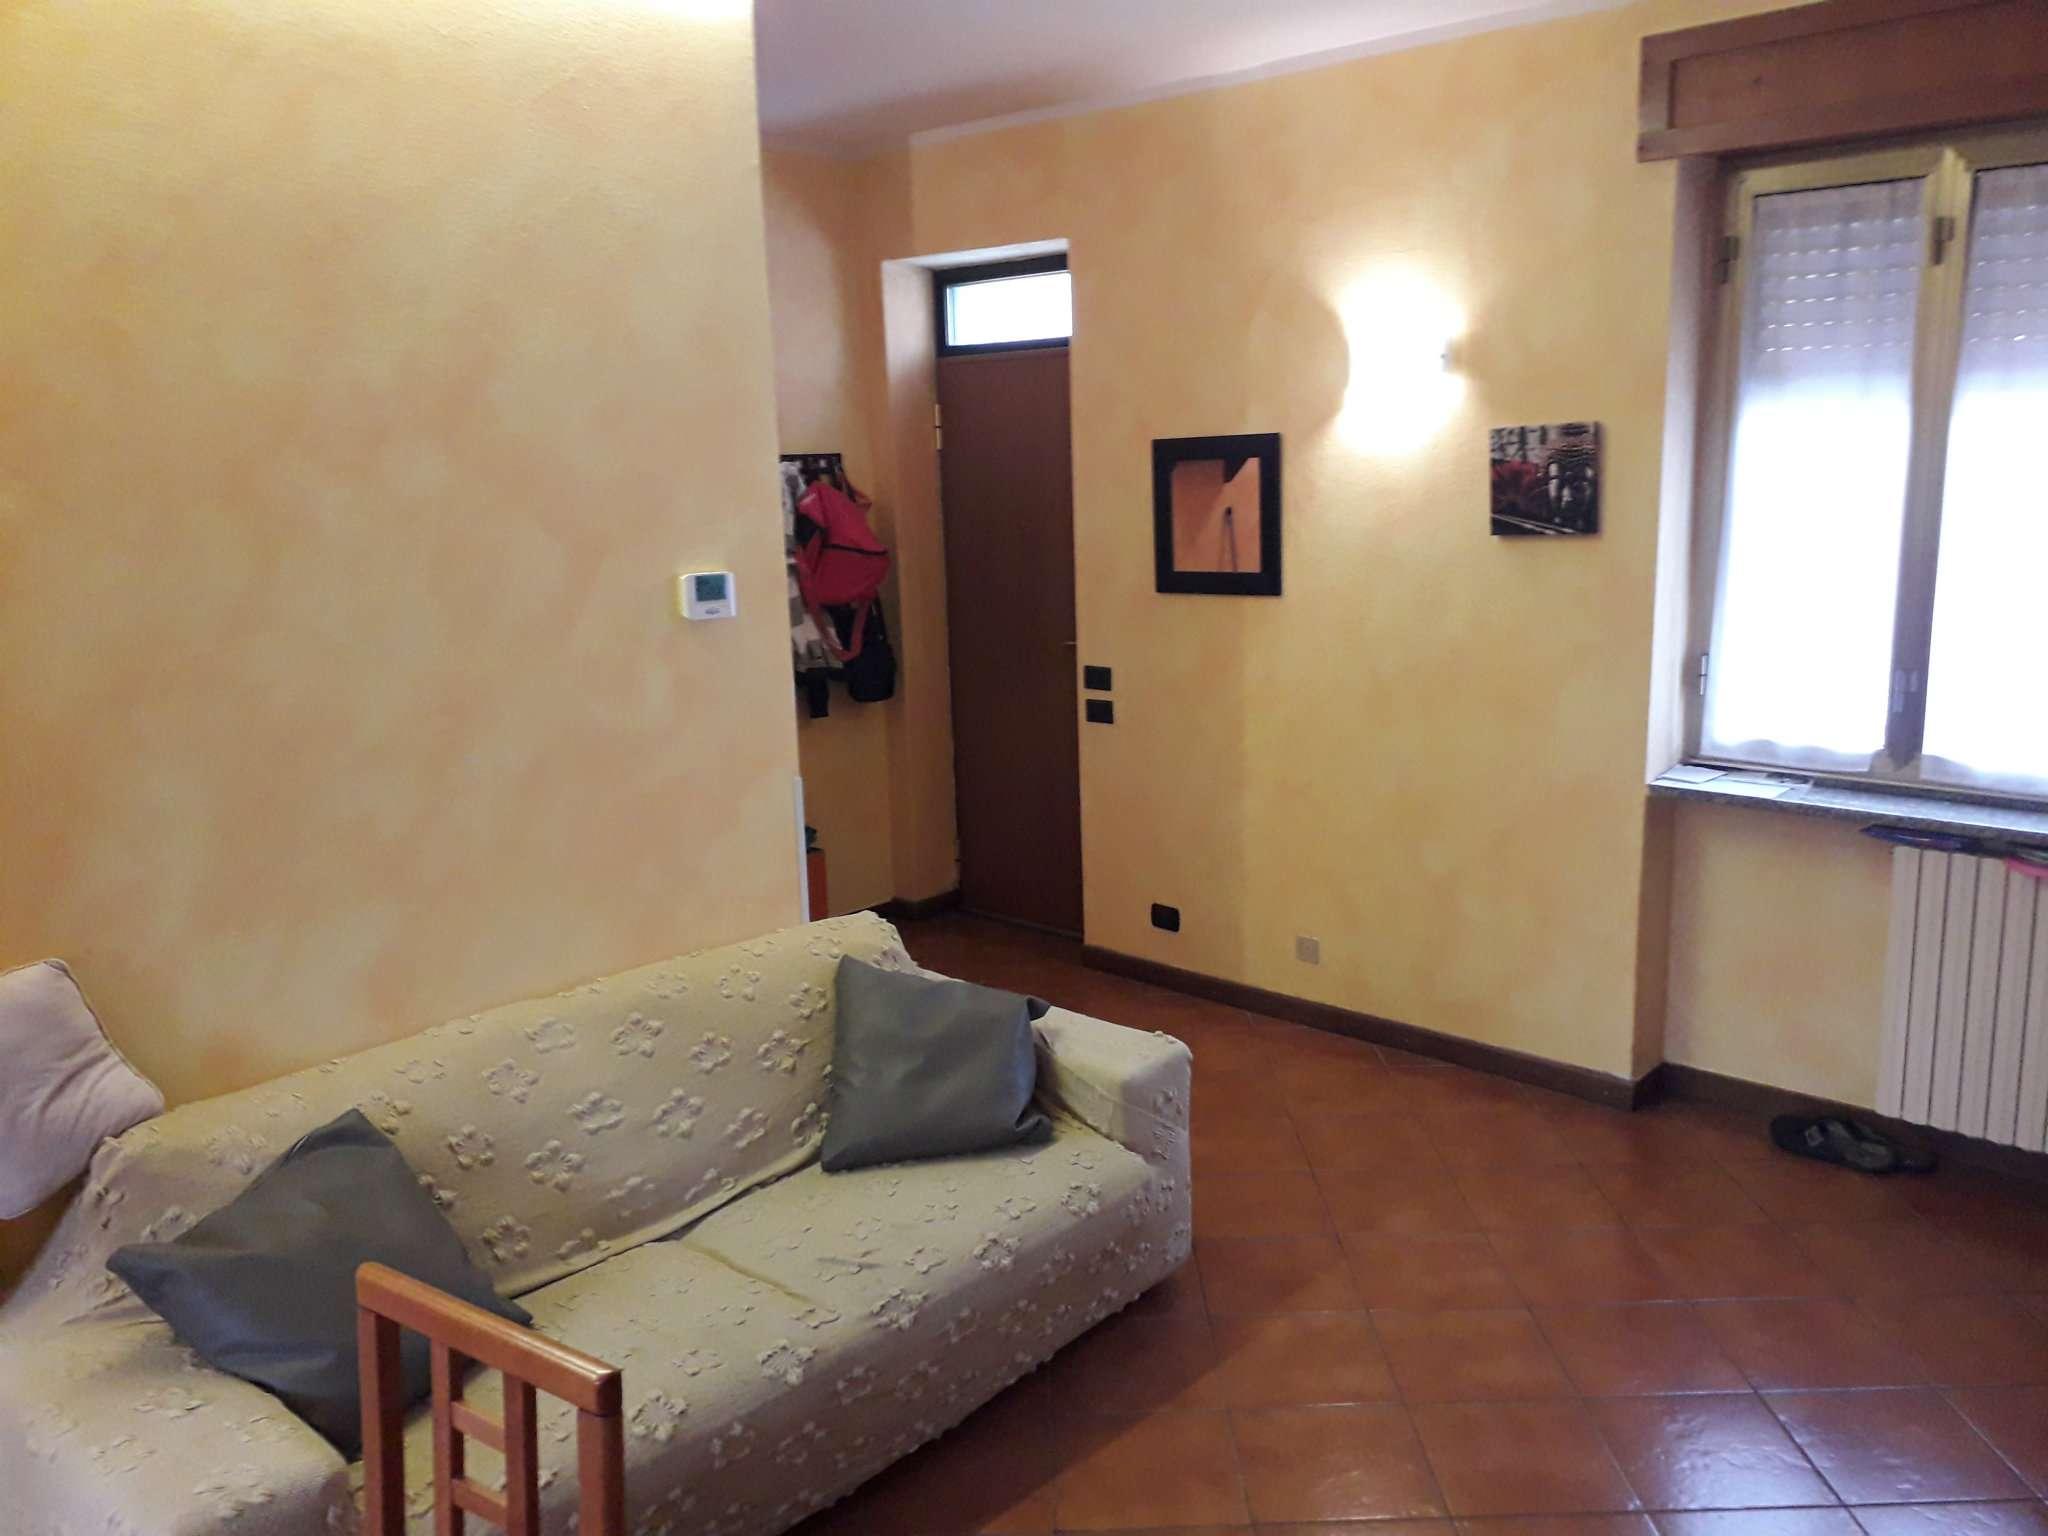 Appartamento in vendita a Lacchiarella, 2 locali, prezzo € 63.000 | PortaleAgenzieImmobiliari.it